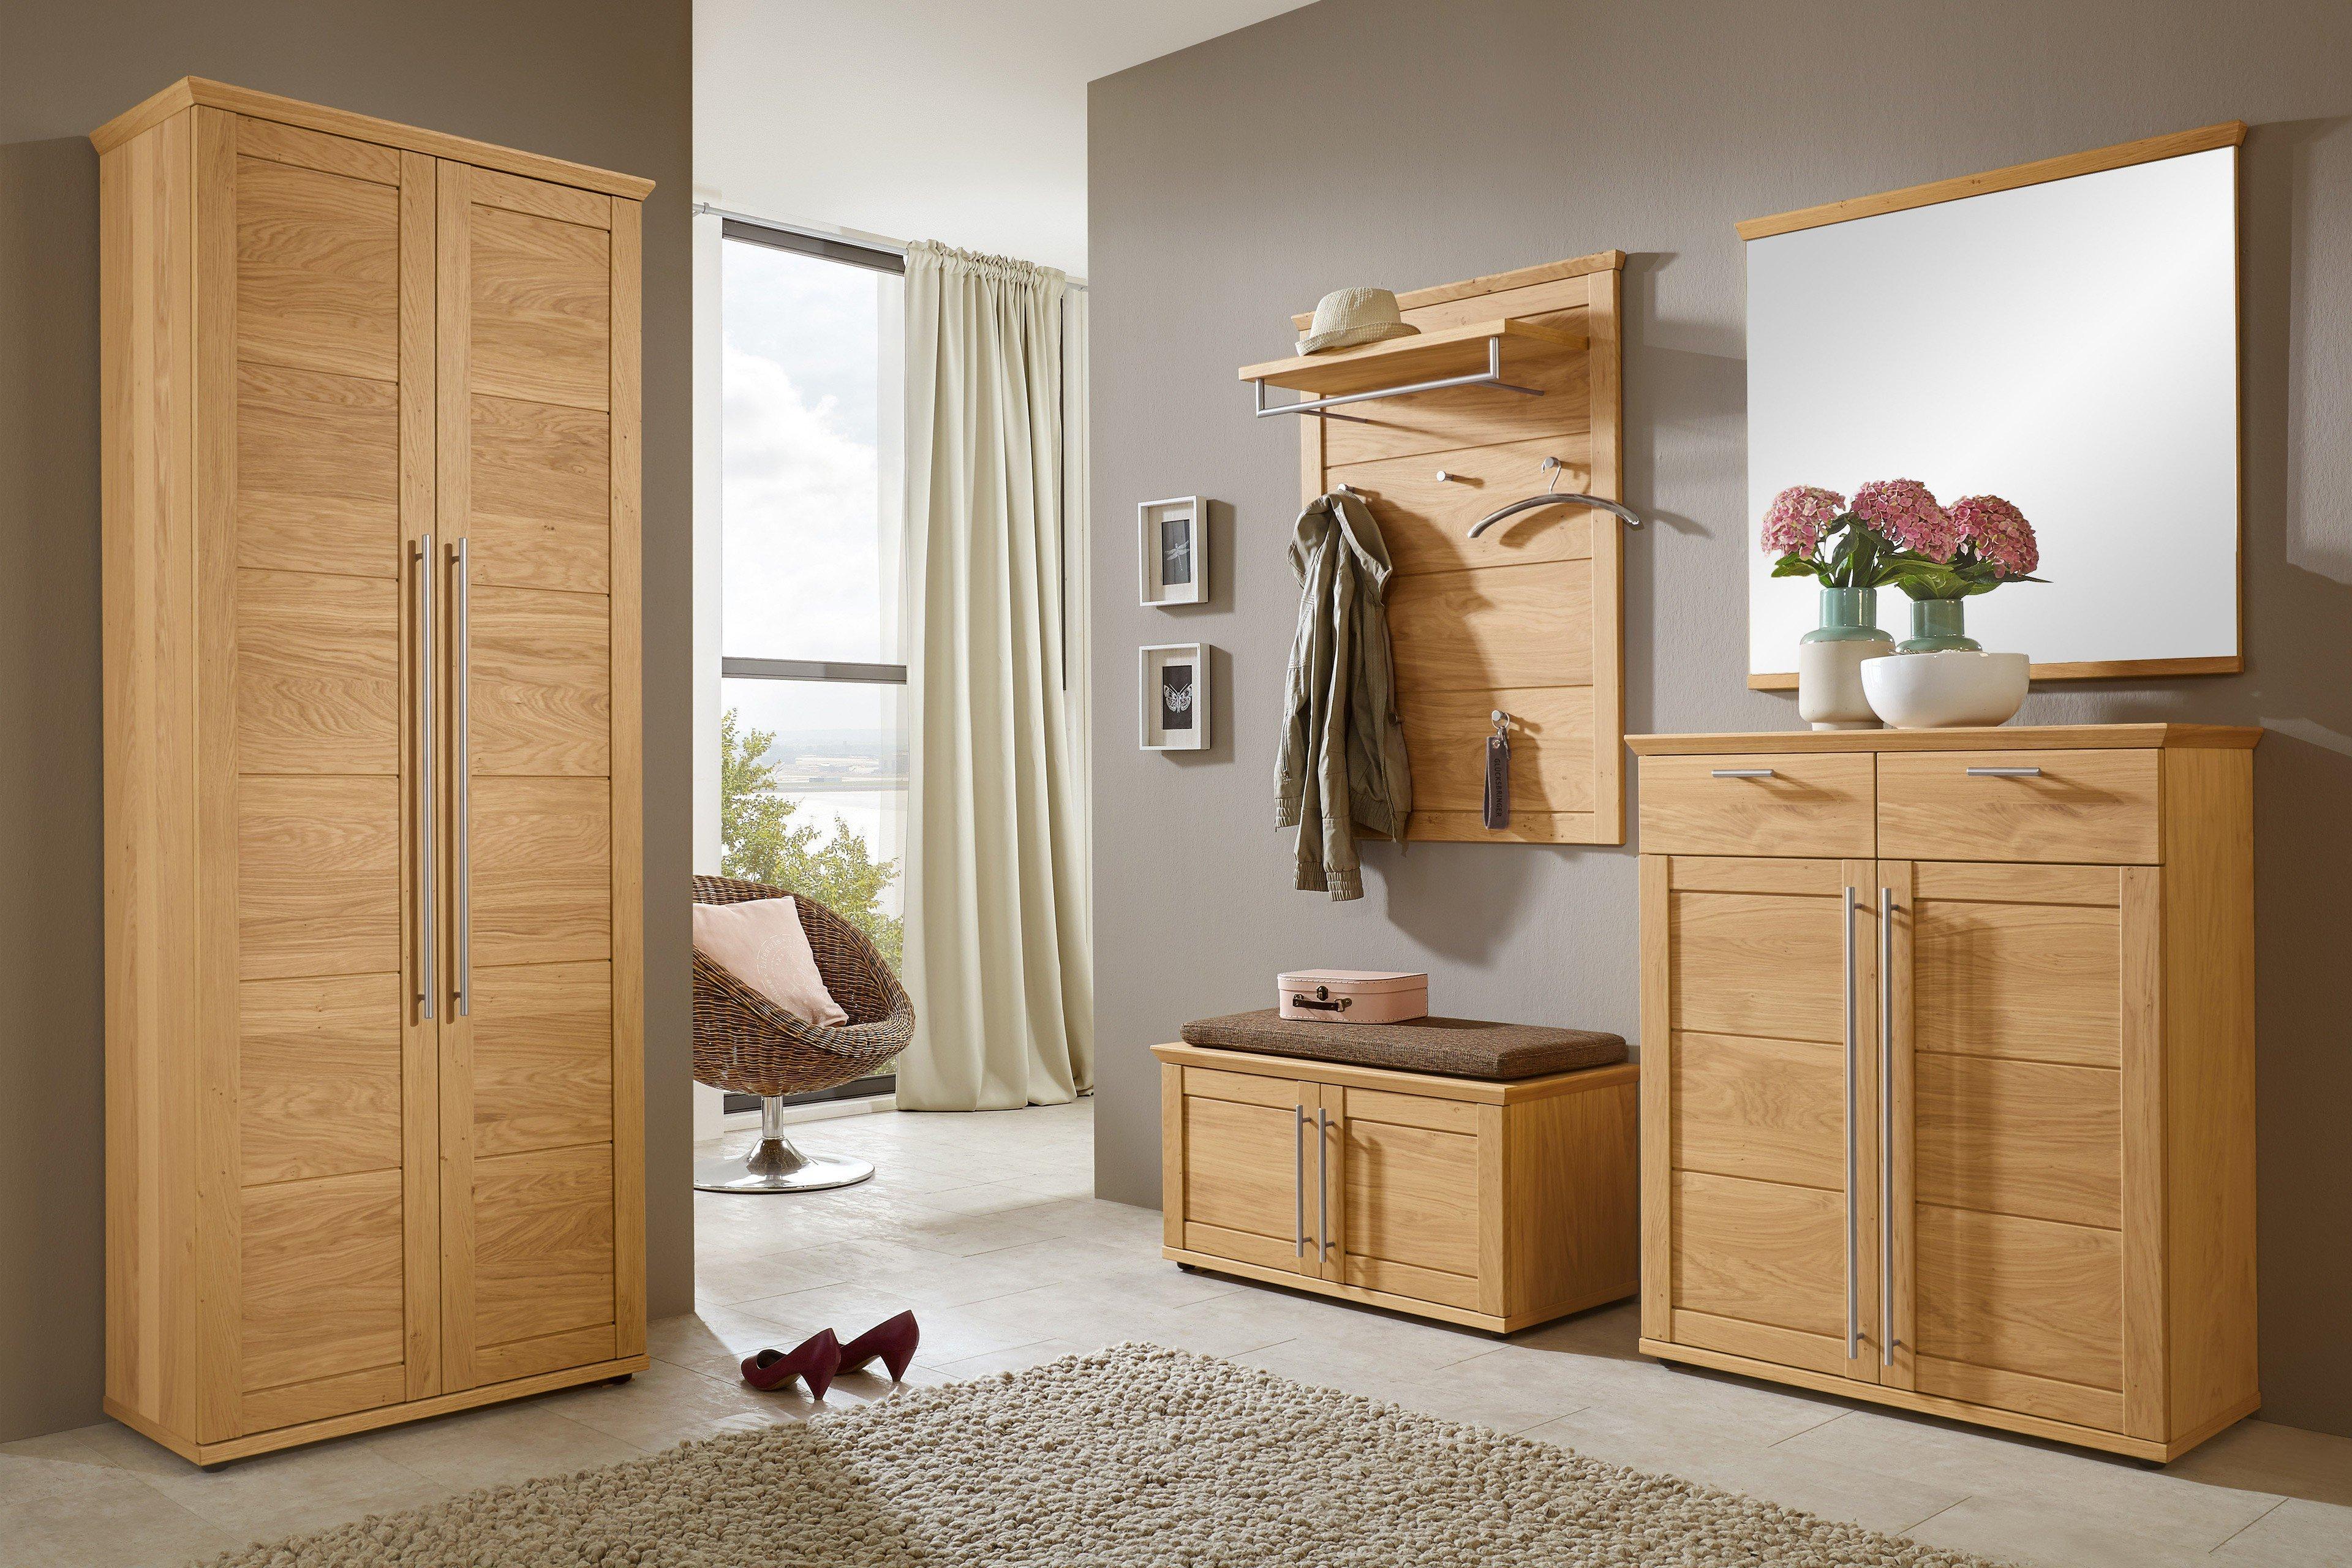 garderobe garda in eiche bianco von voss m bel m bel. Black Bedroom Furniture Sets. Home Design Ideas